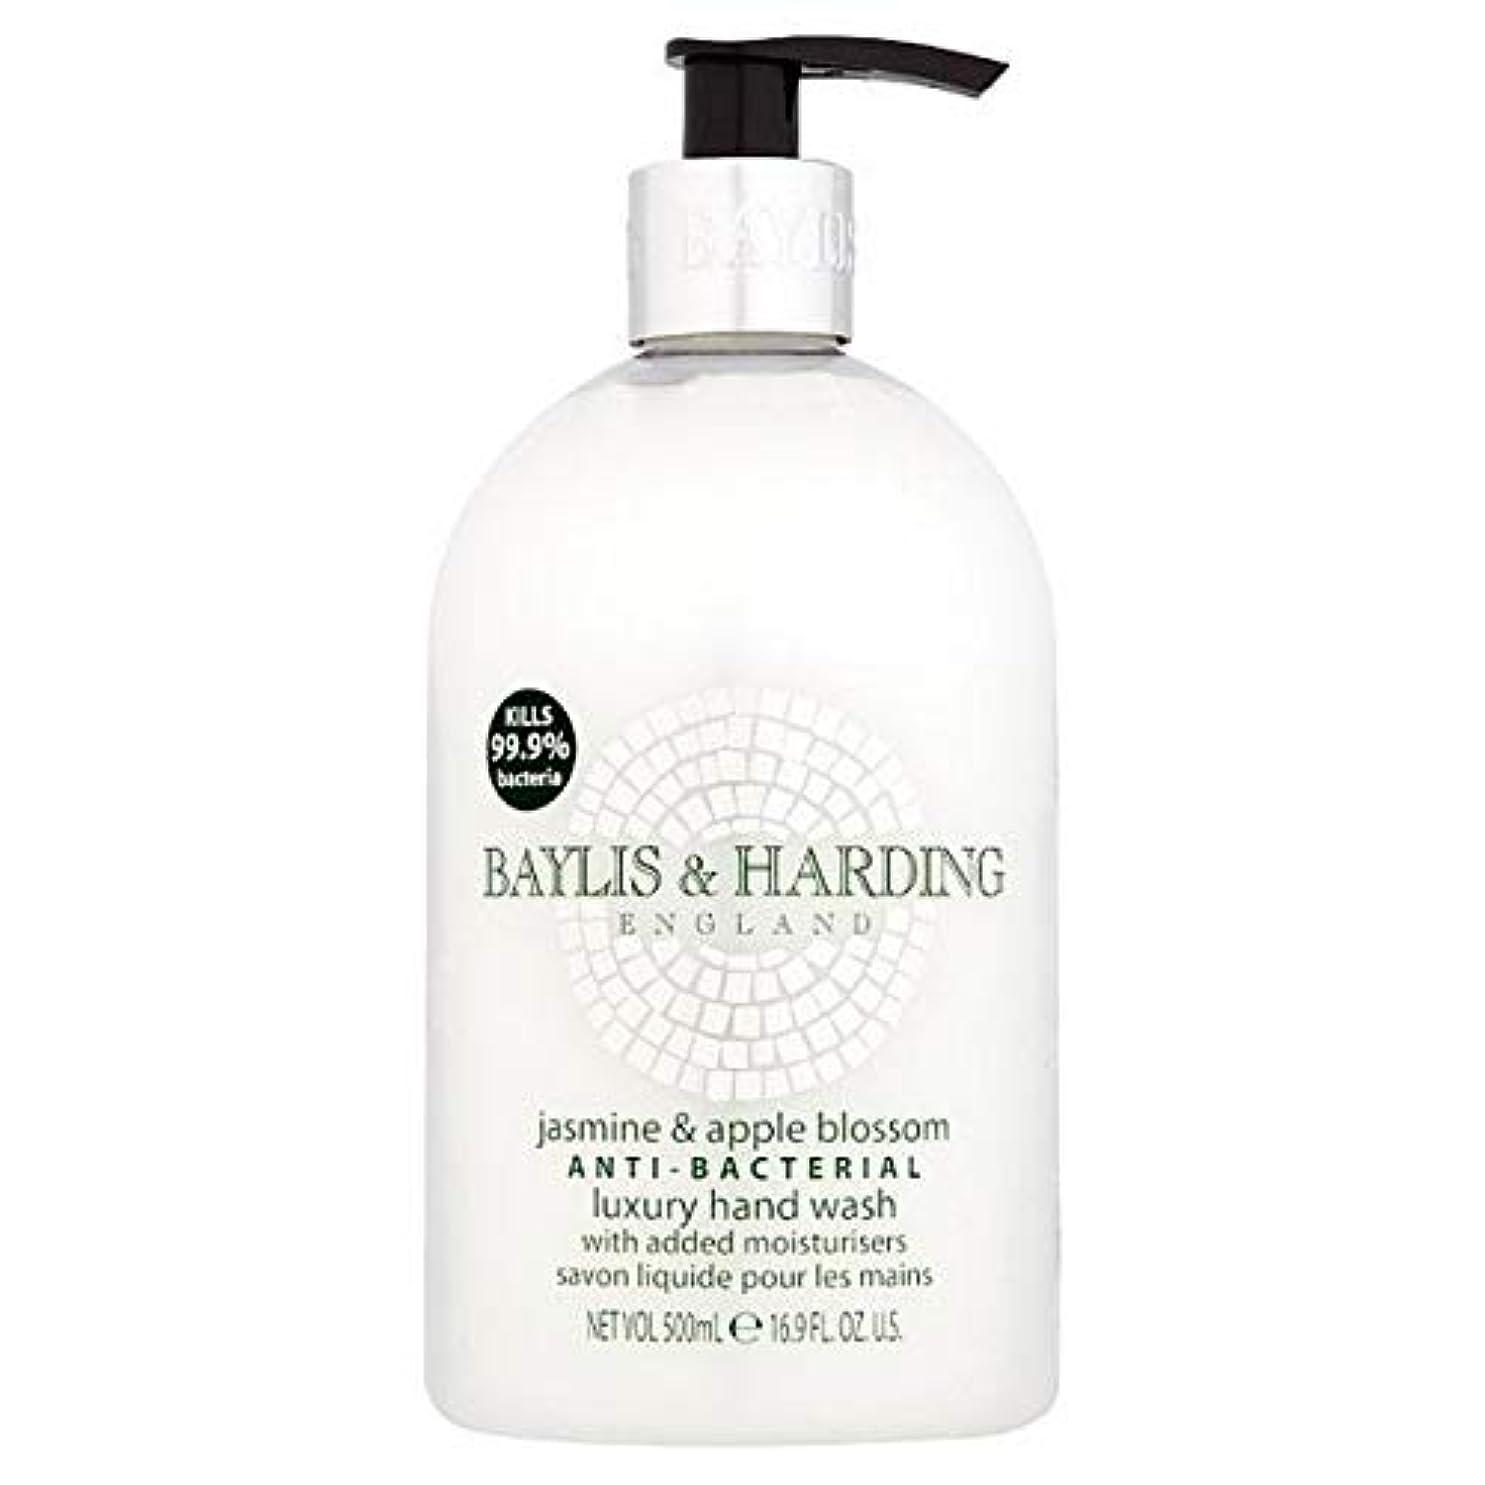 結婚式発音するクリケット[Baylis & Harding ] ベイリス&ハーディング署名抗菌手洗い用500ミリリットル - Baylis & Harding Signature Antibacterial Hand Wash 500ml [並行輸入品]